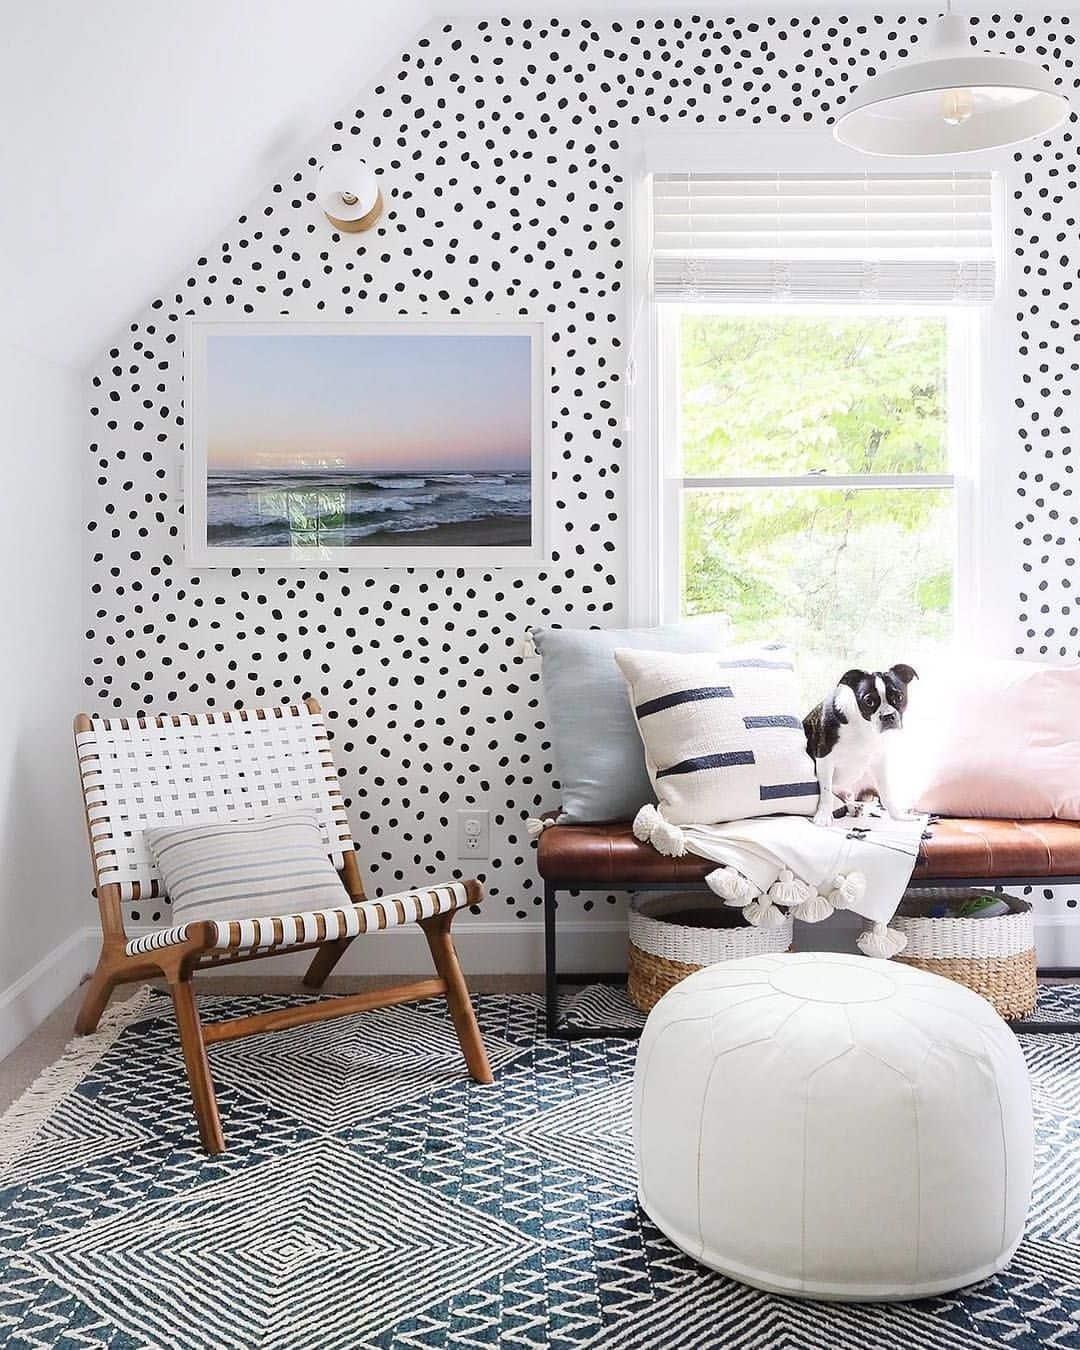 Des détails intérieurs habilement sélectionnés, où chaque meuble s'harmonise parfaitement avec la couleur des murs.